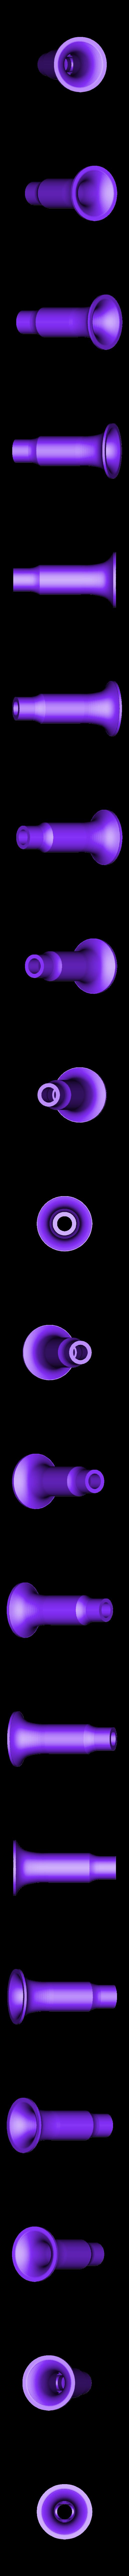 Fountain2_bot2.stl Télécharger fichier STL gratuit remix de la fontaine à cloches • Modèle à imprimer en 3D, veganagev